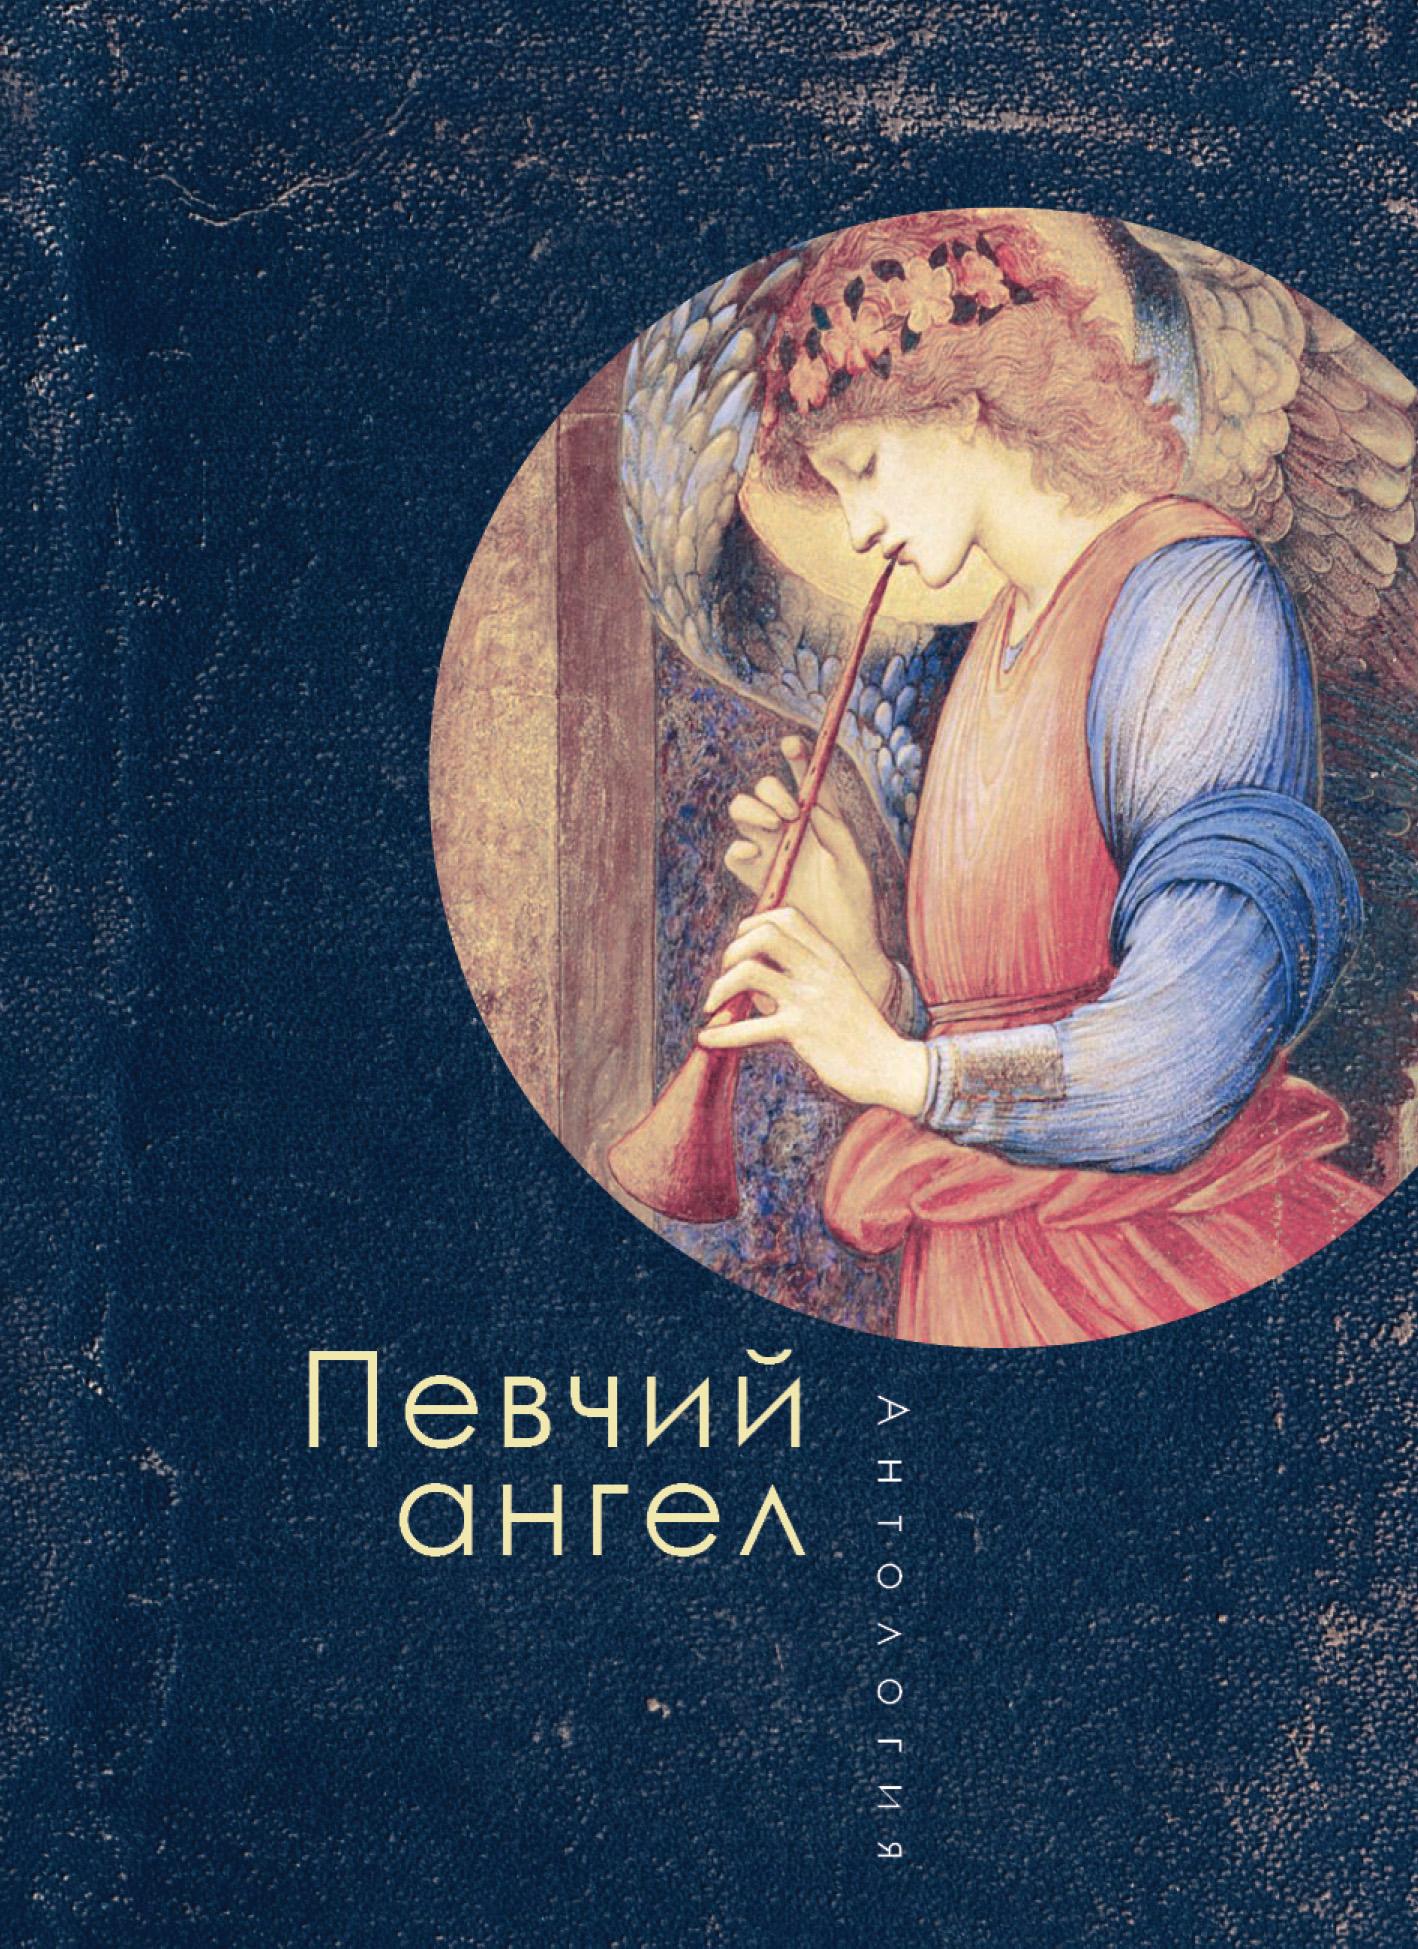 Антология Певчий ангел стоимость